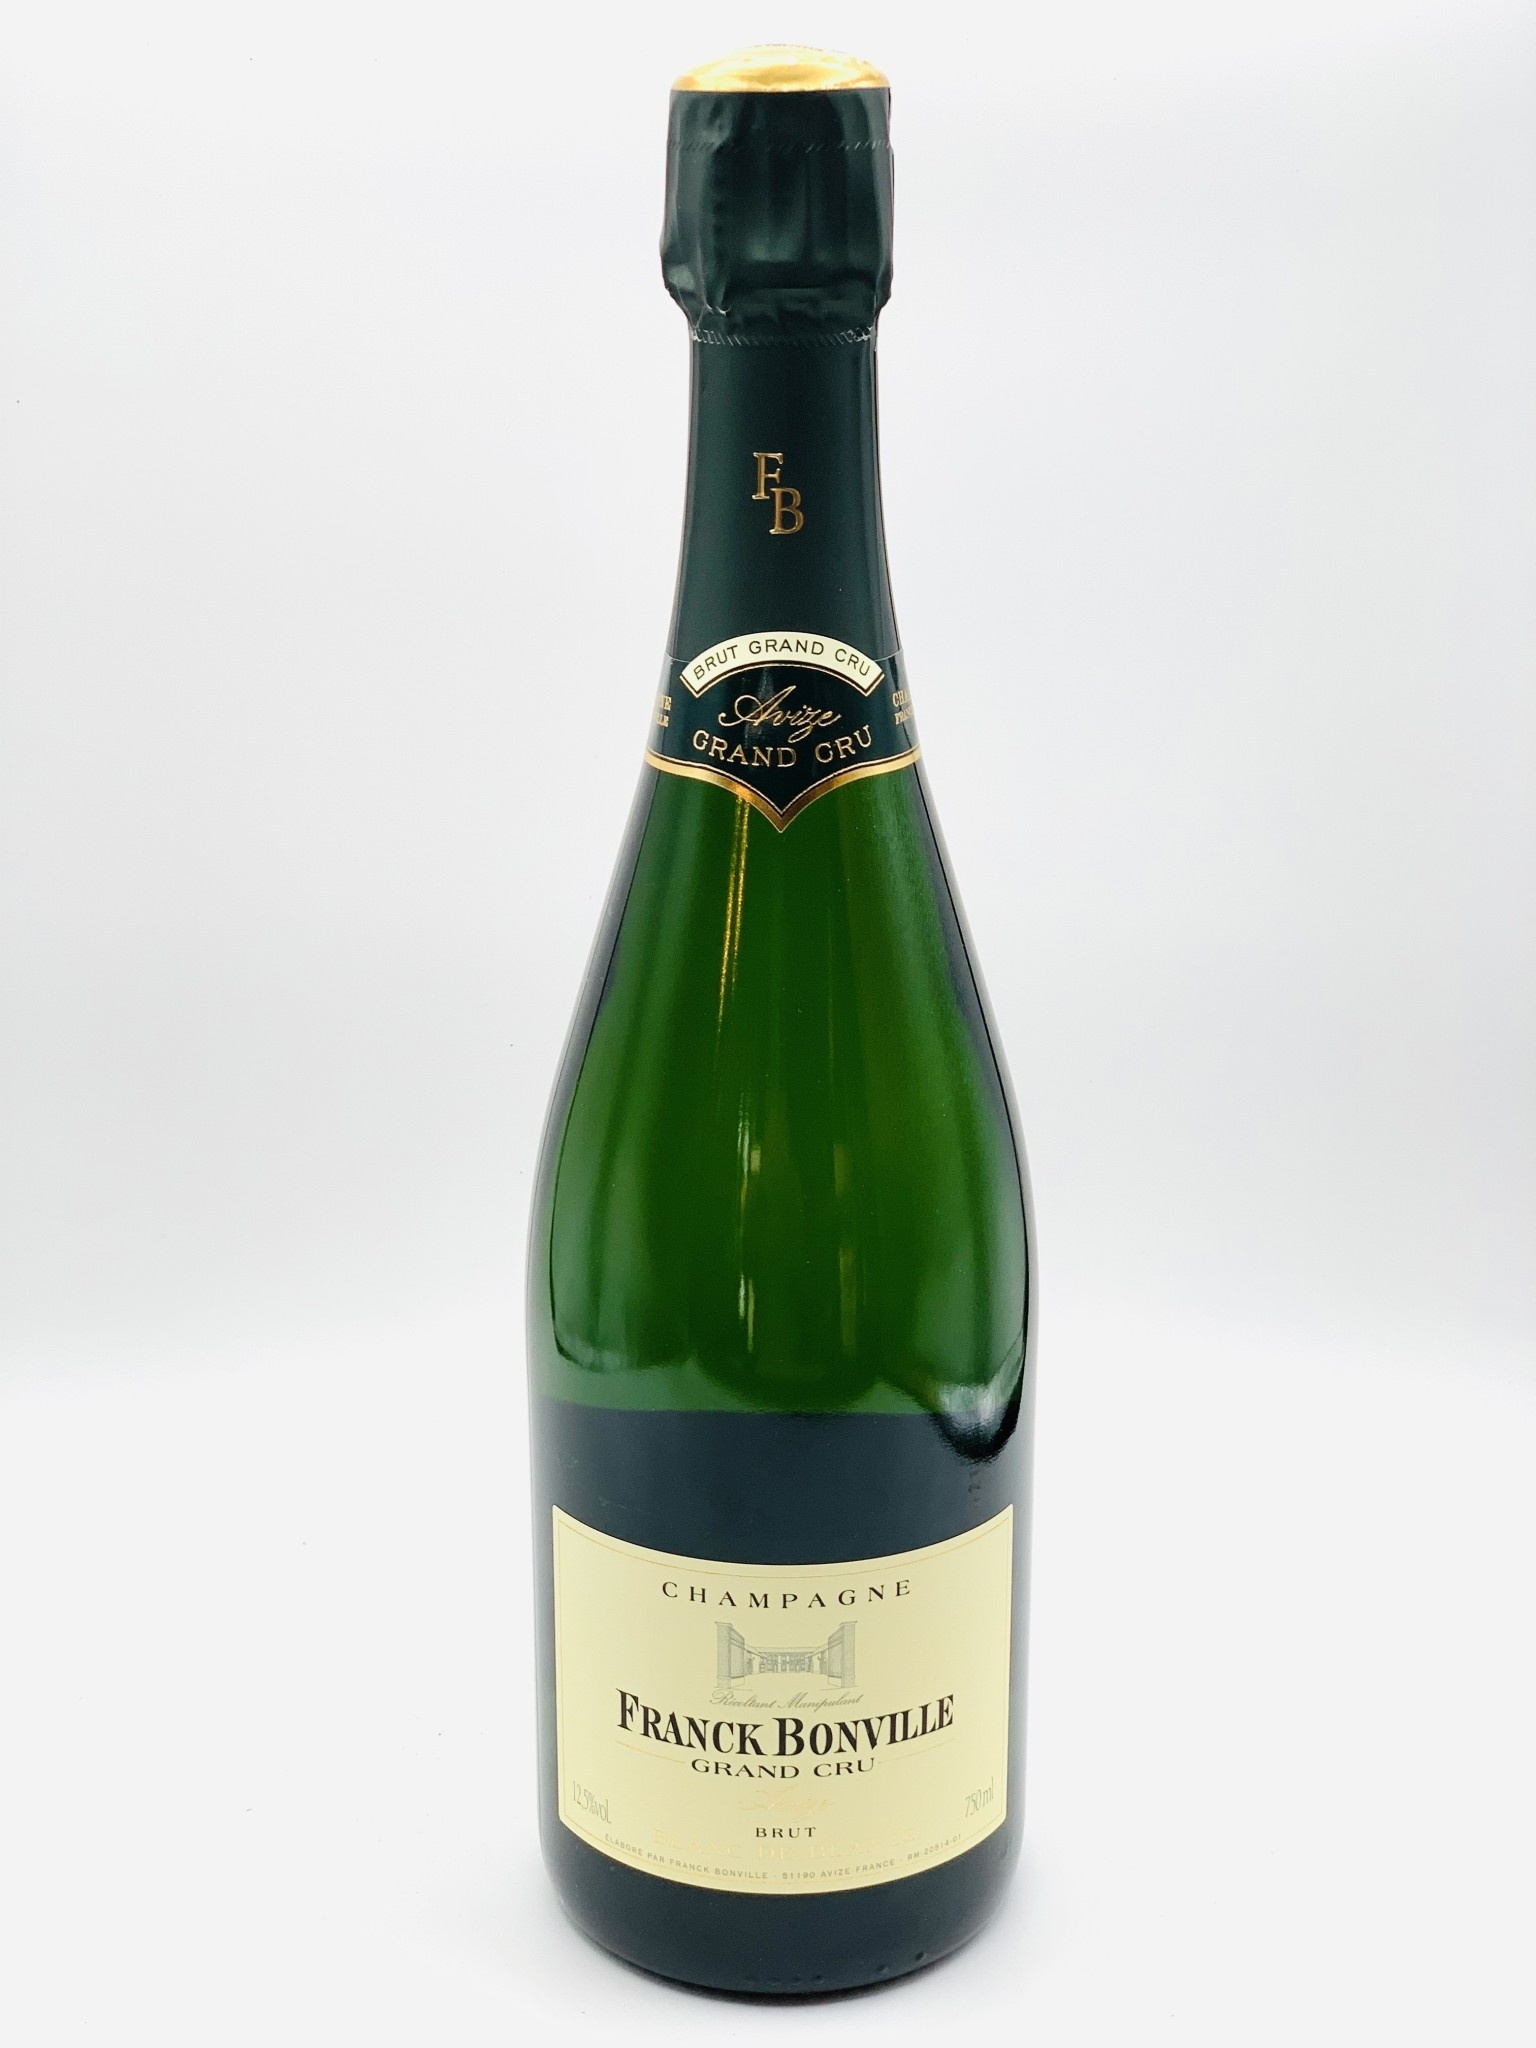 Champagne Grand Cru Blanc de Blanc NV Franck Bonville 750ml